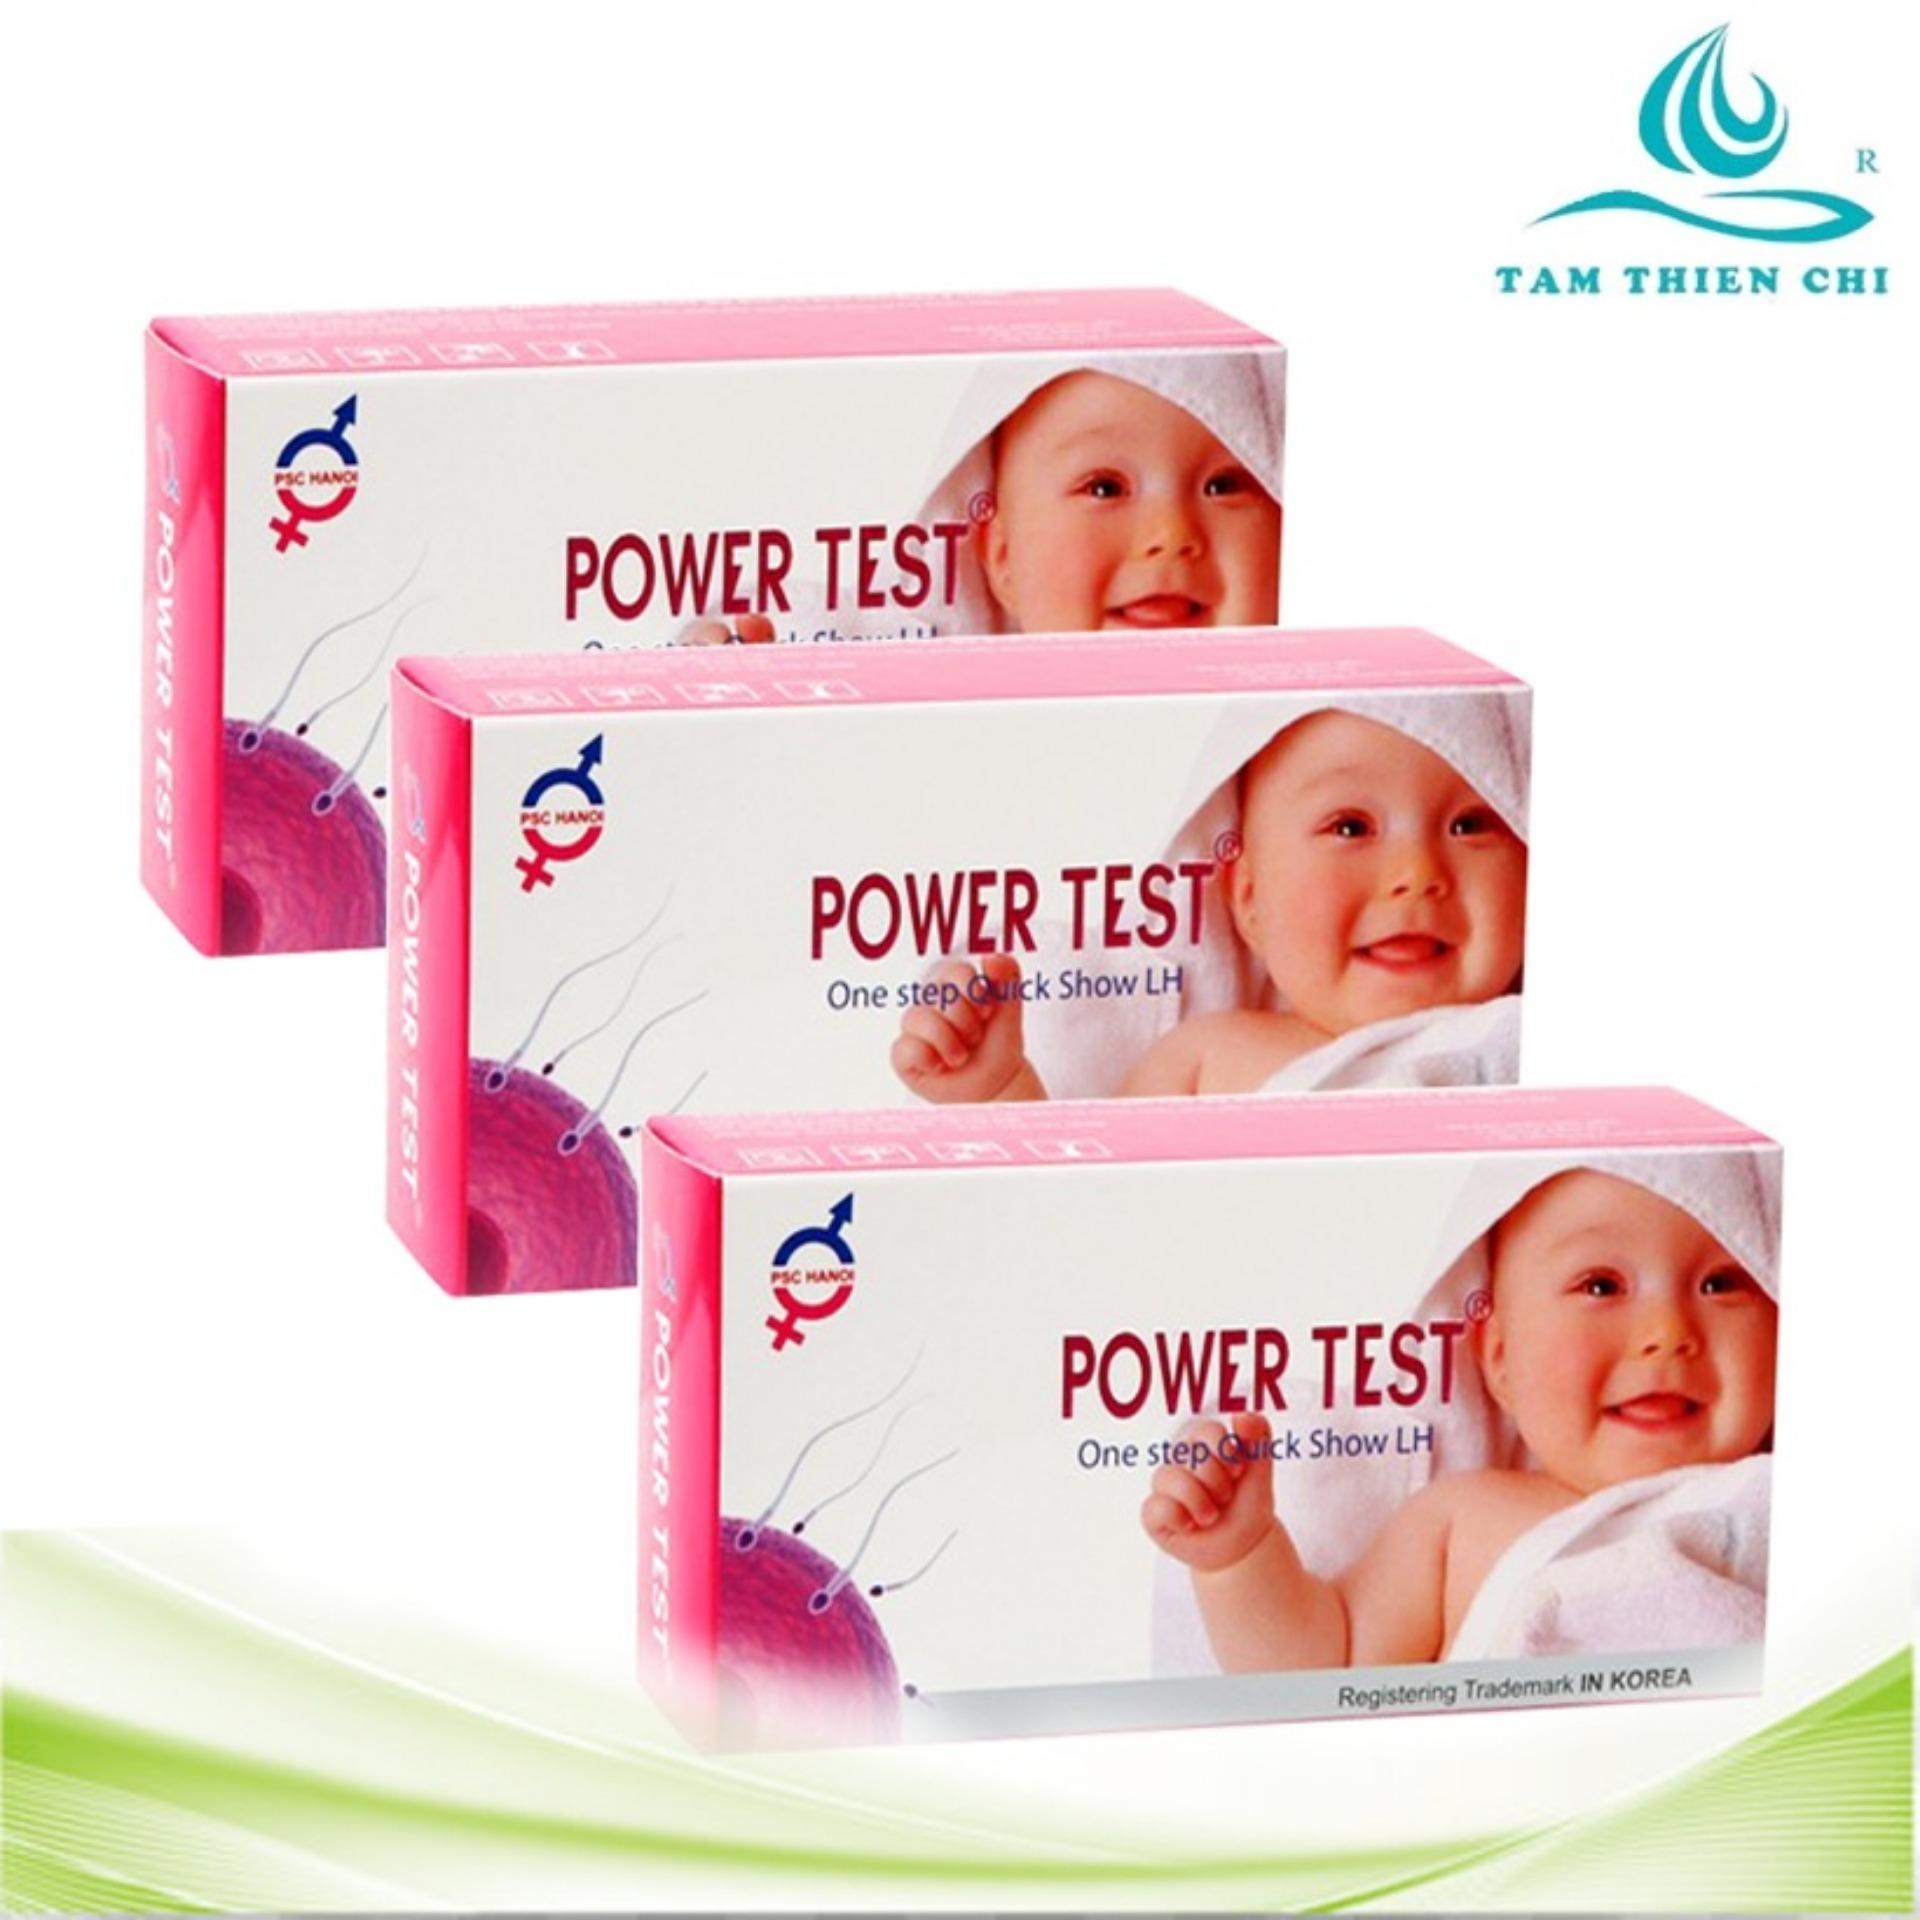 Bộ 3 hộp Que thử rụng trứng Powertest 5 que nhập khẩu